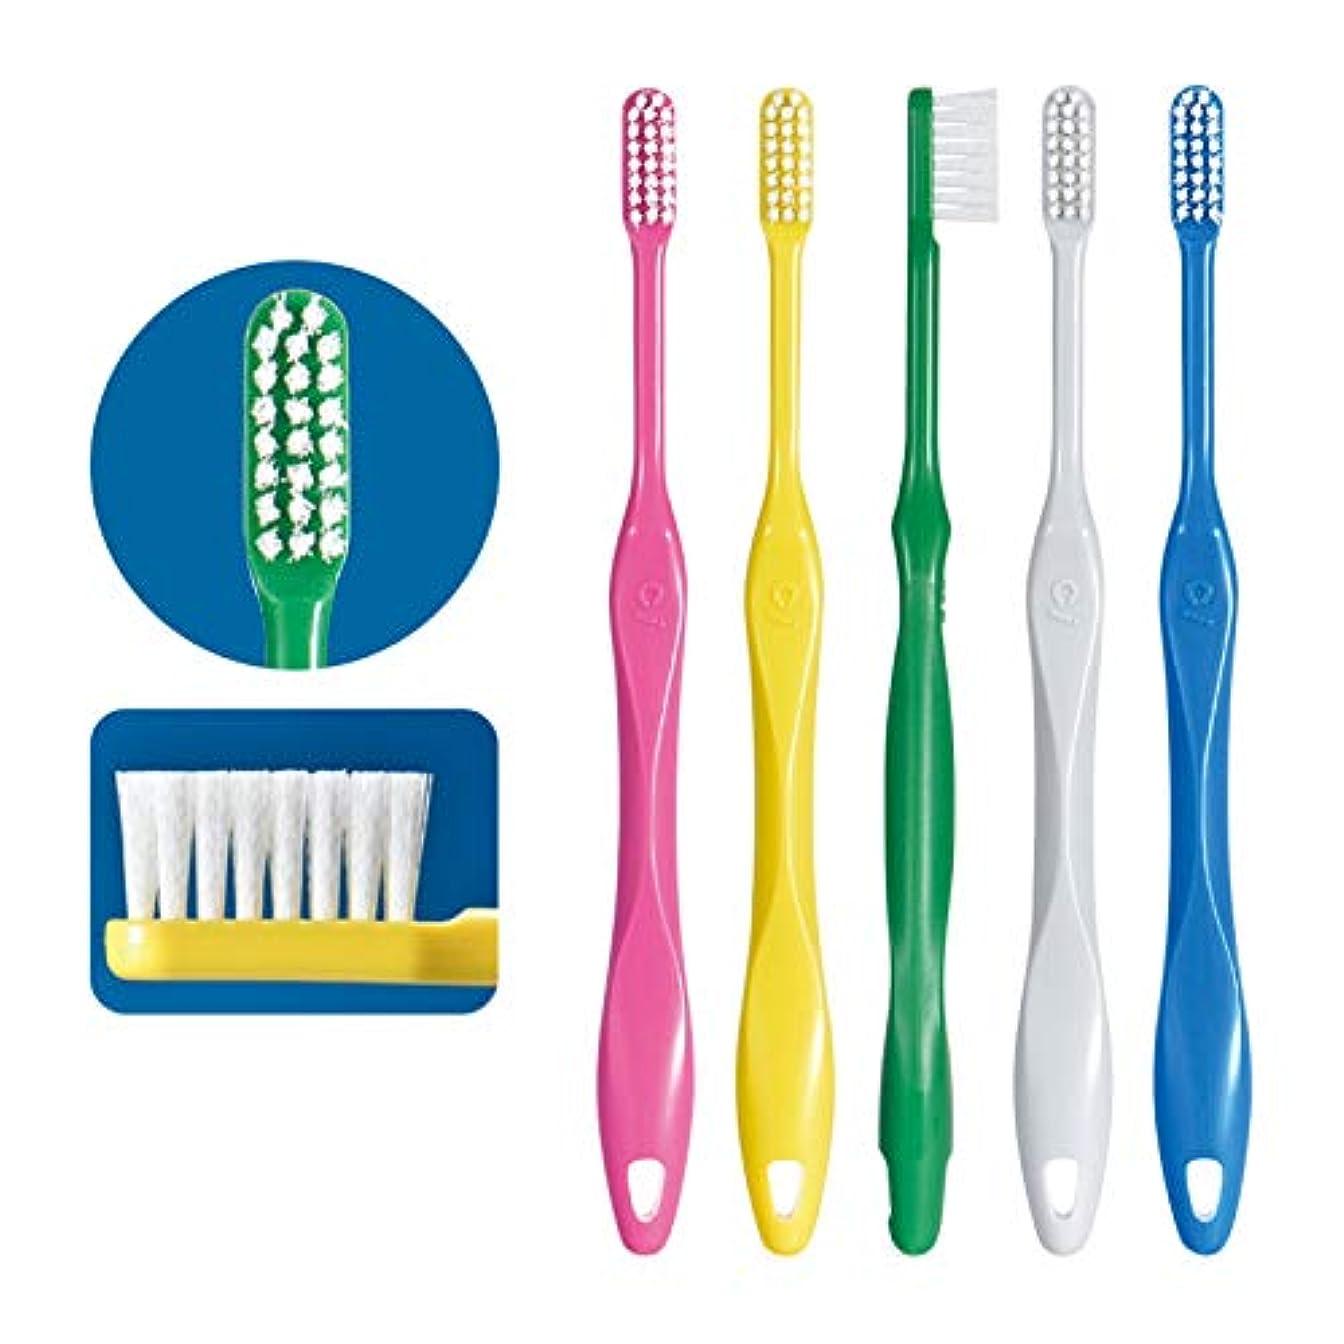 。高速道路ところでCi スマート 歯ブラシ 20本 S(やわらかめ) 日本製 大人用歯ブラシ 歯科専売品